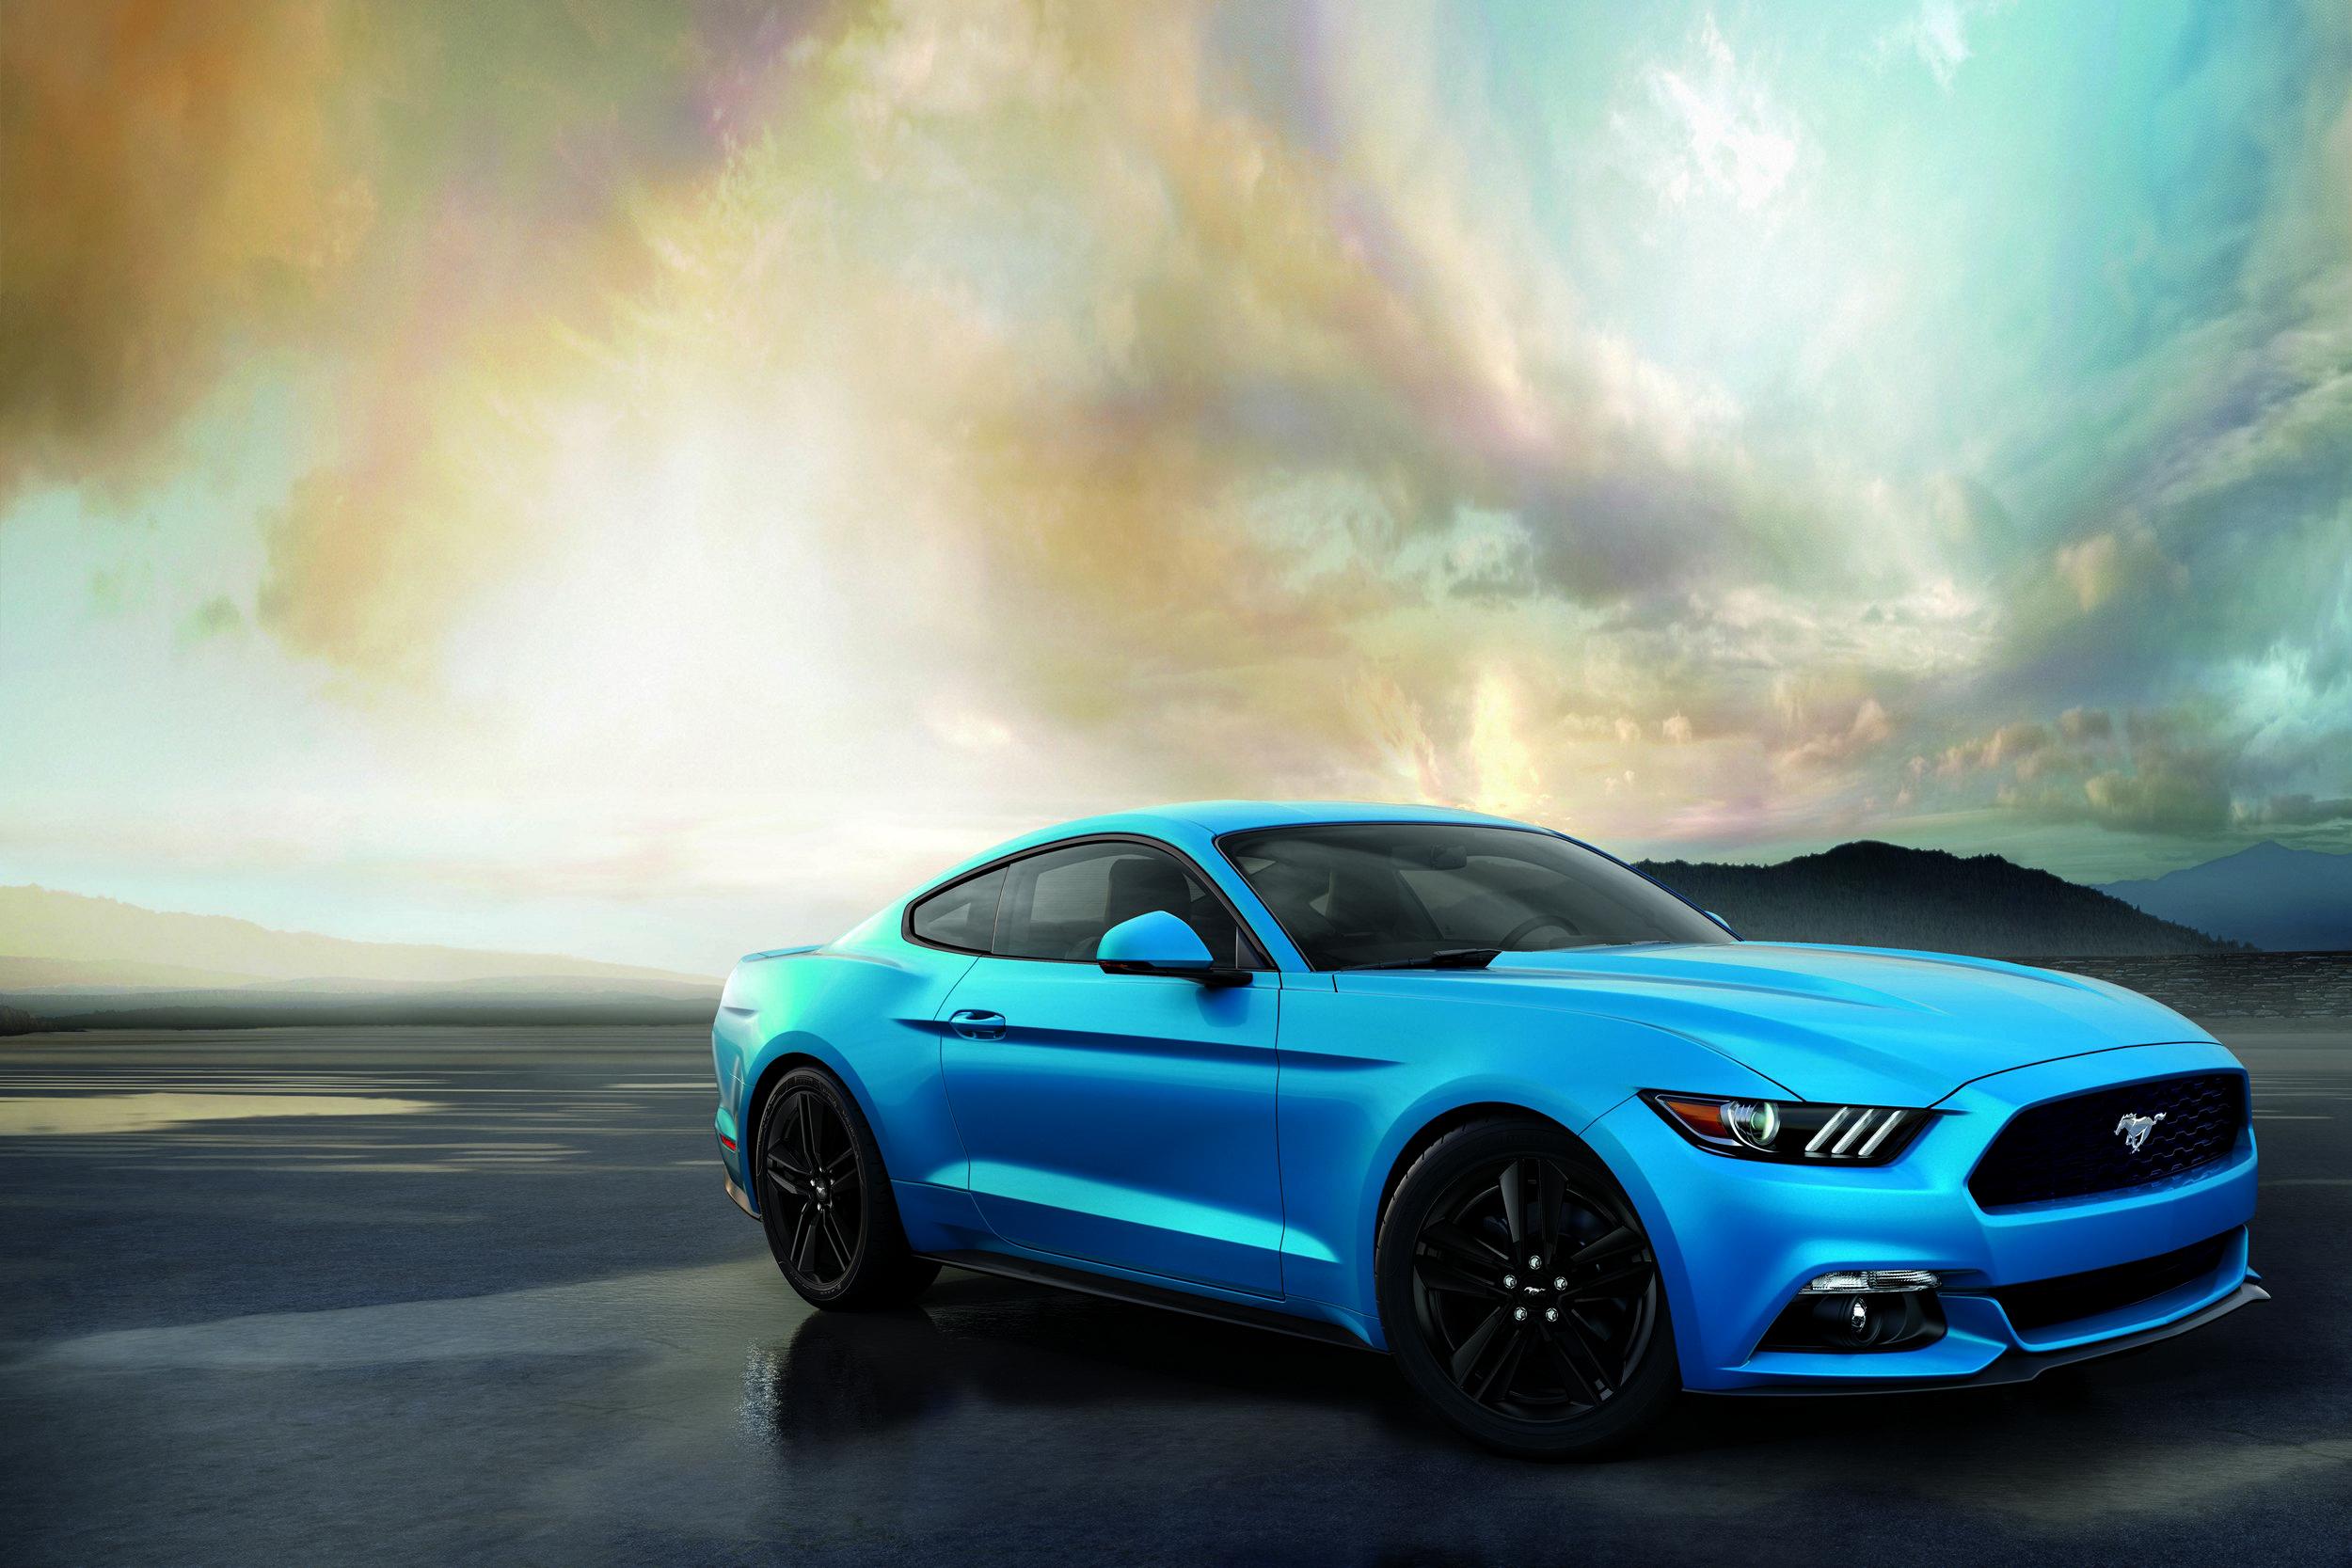 經典美式肌肉跑車   全新年式Ford Mustang領銜